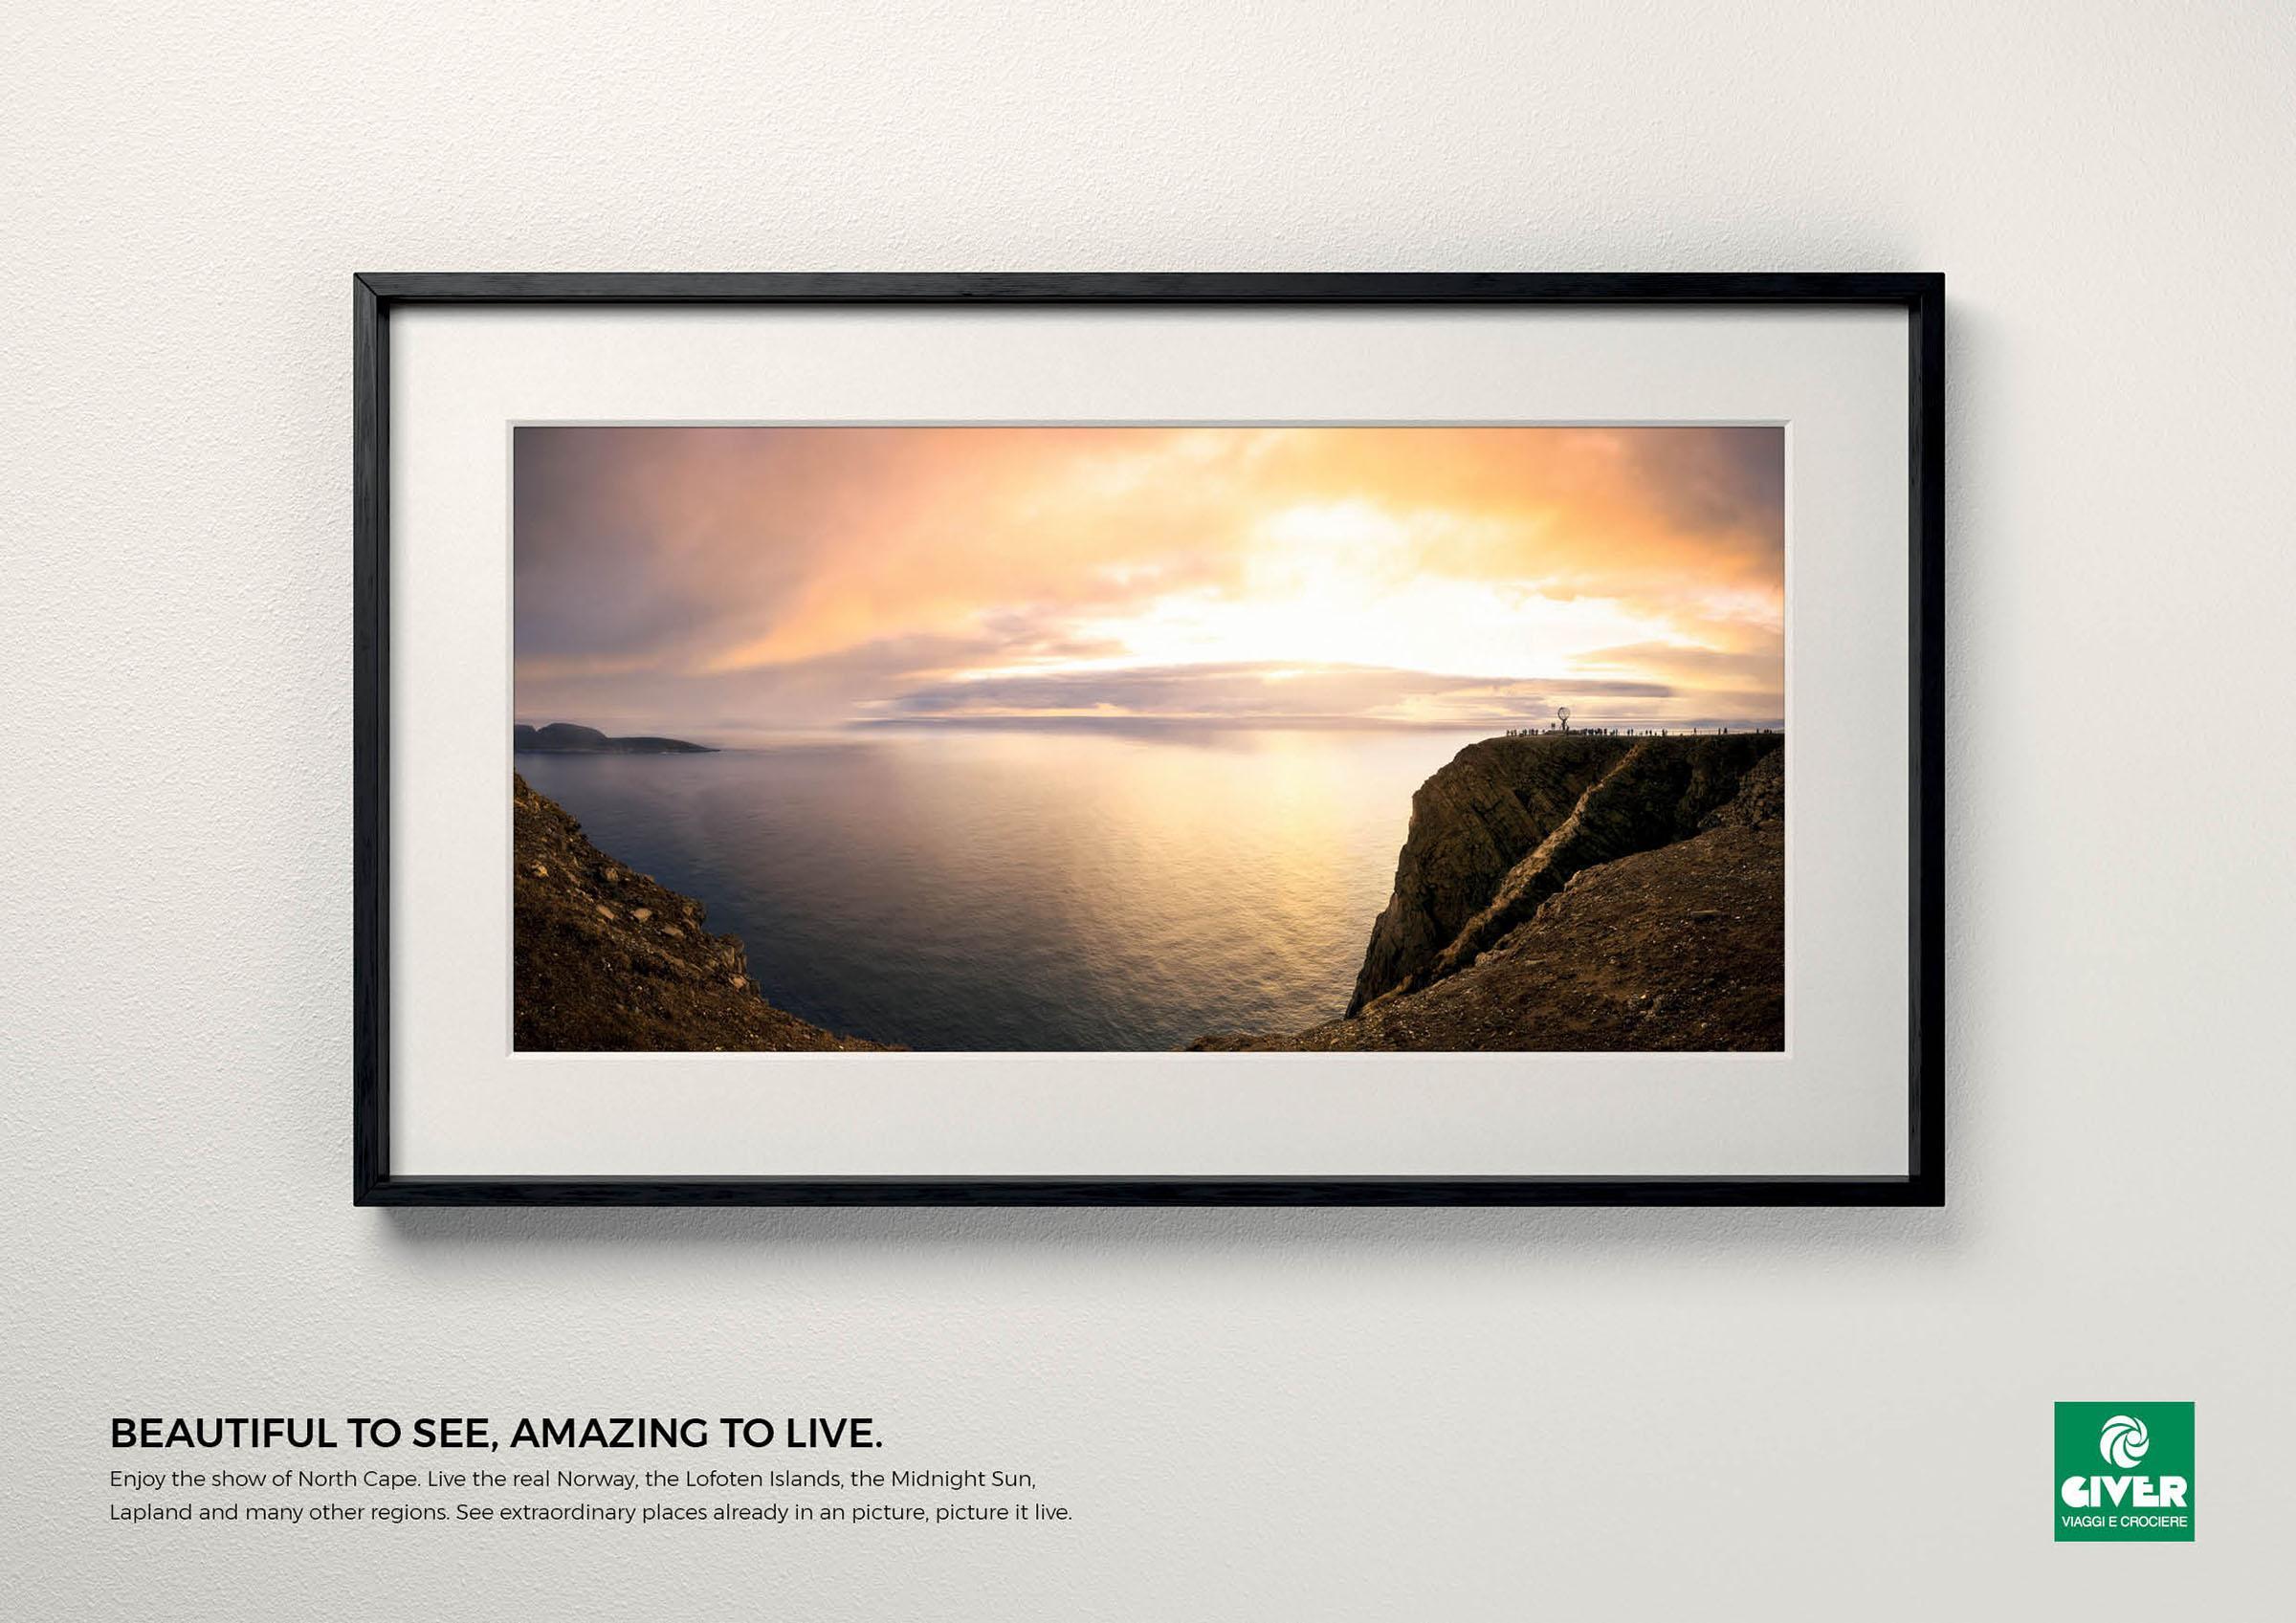 Giver Viaggi Print Ad - Travel Masterpiece, North Cape